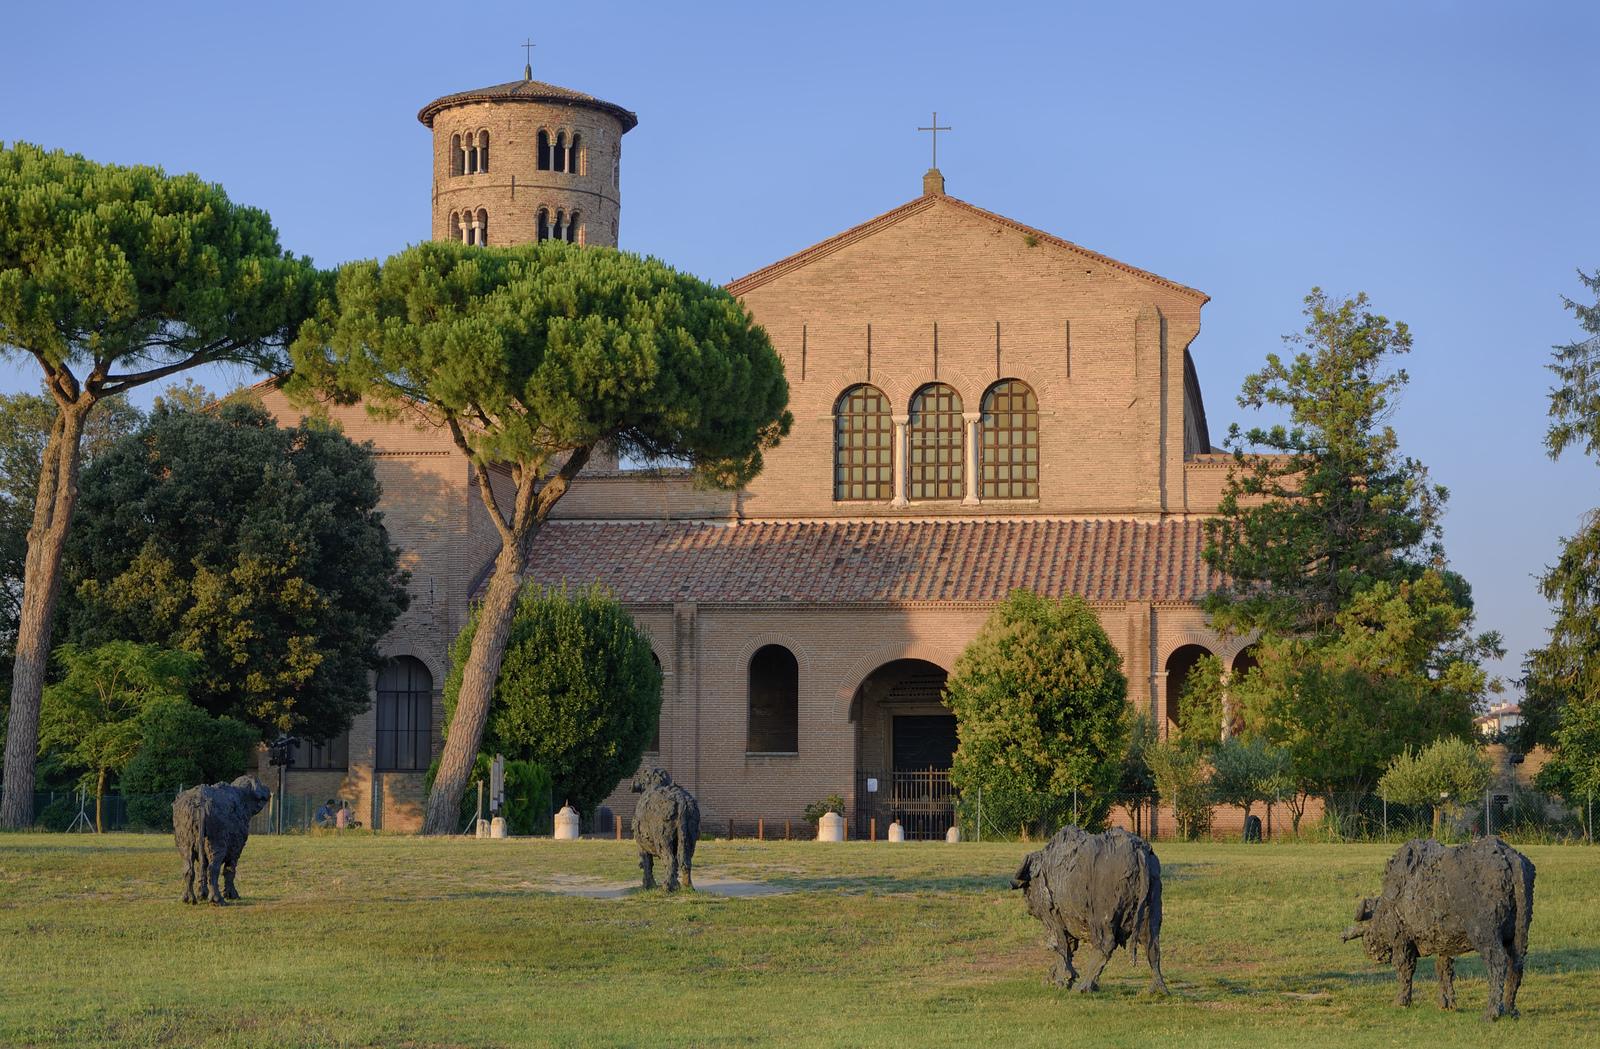 Le basilica di Sant'Apollinare in Cervia   Foto by Paolo dell'Angelo, via Flickr